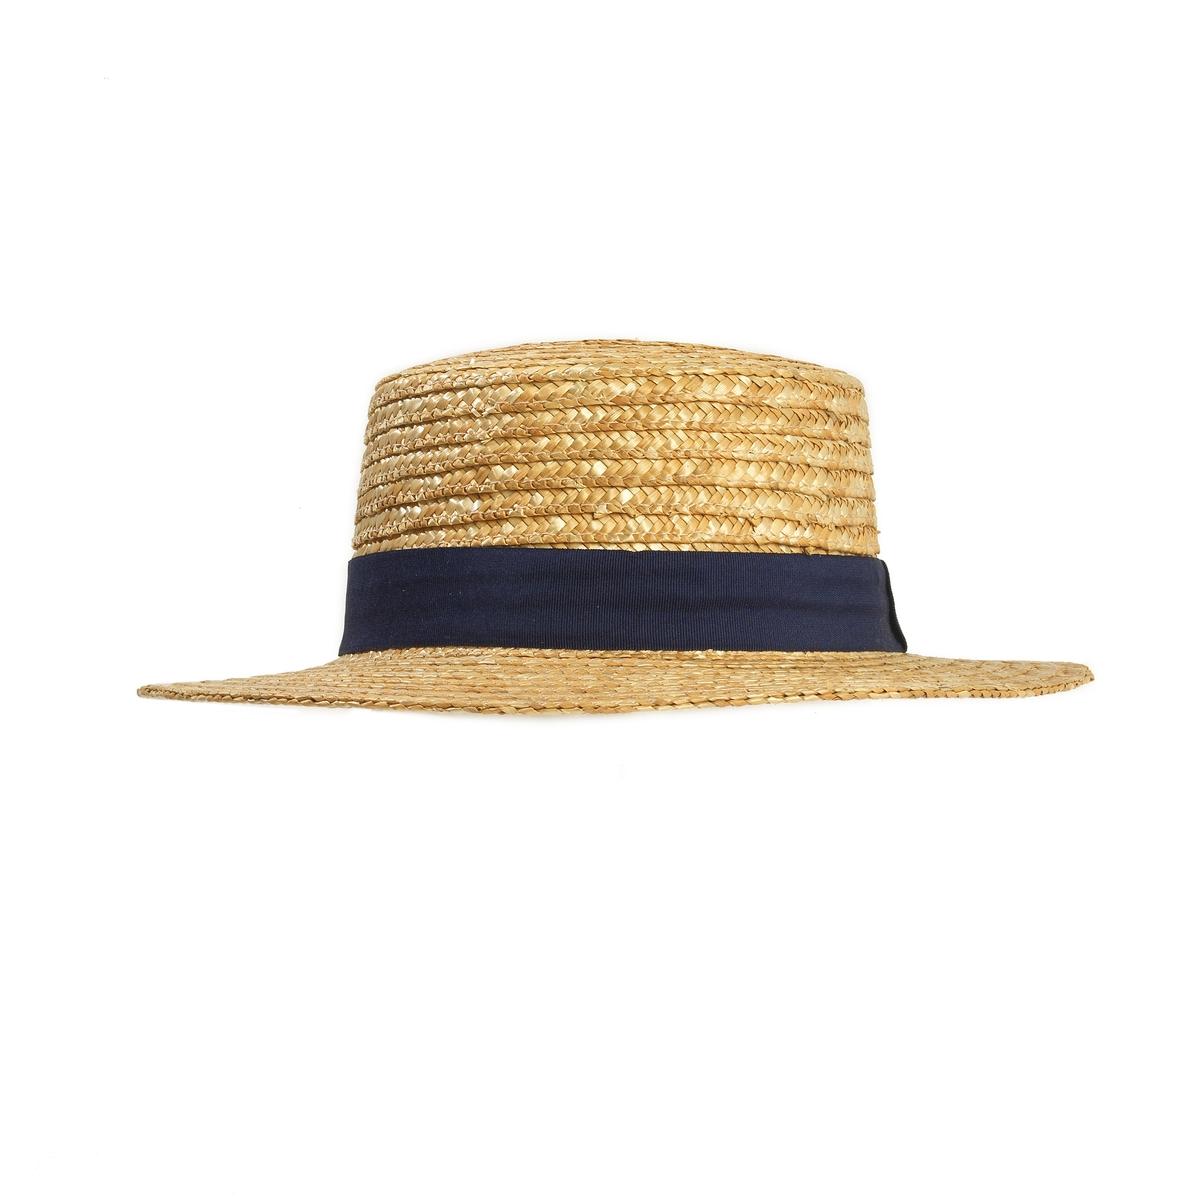 Шляпа соломеннаяСоломенная шляпа на шнурке,Mademoiselle R.Прекрасная соломенная шляпа, украшенная галуном-: лето будет стильным!! Состав и описание :Материал : 100% соломыМарка : Mademoiselle R.Размеры : Окружность головы 56 см Галун с узелком .<br><br>Цвет: серо-бежевый